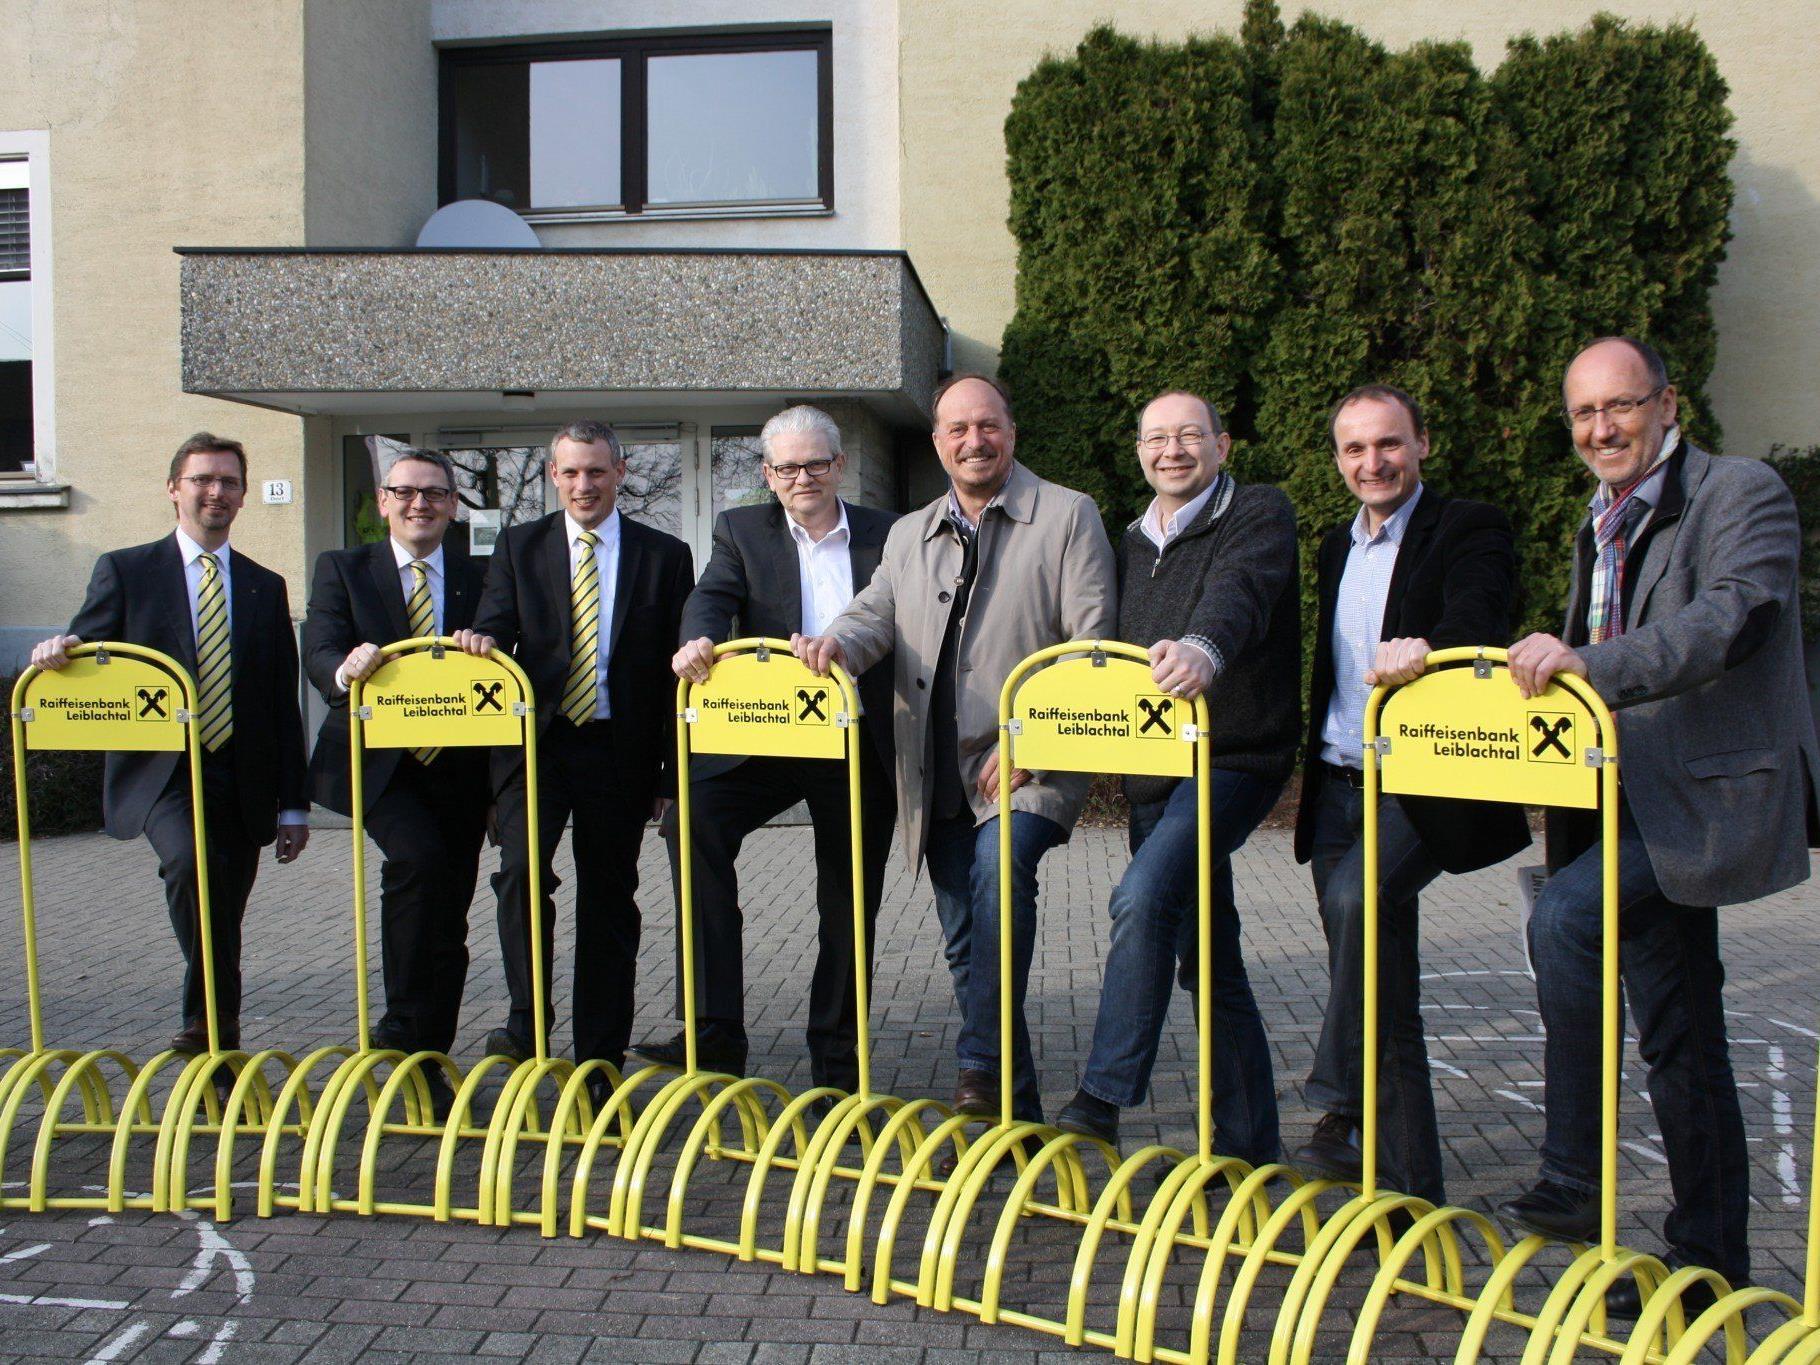 Die Bürgermeister der fünf Leiblachtalgemeinden konnten von der heimischen Raiffeisenbank 25 neue Fahrradständer für ihre Gemeinden entgegennehmen.